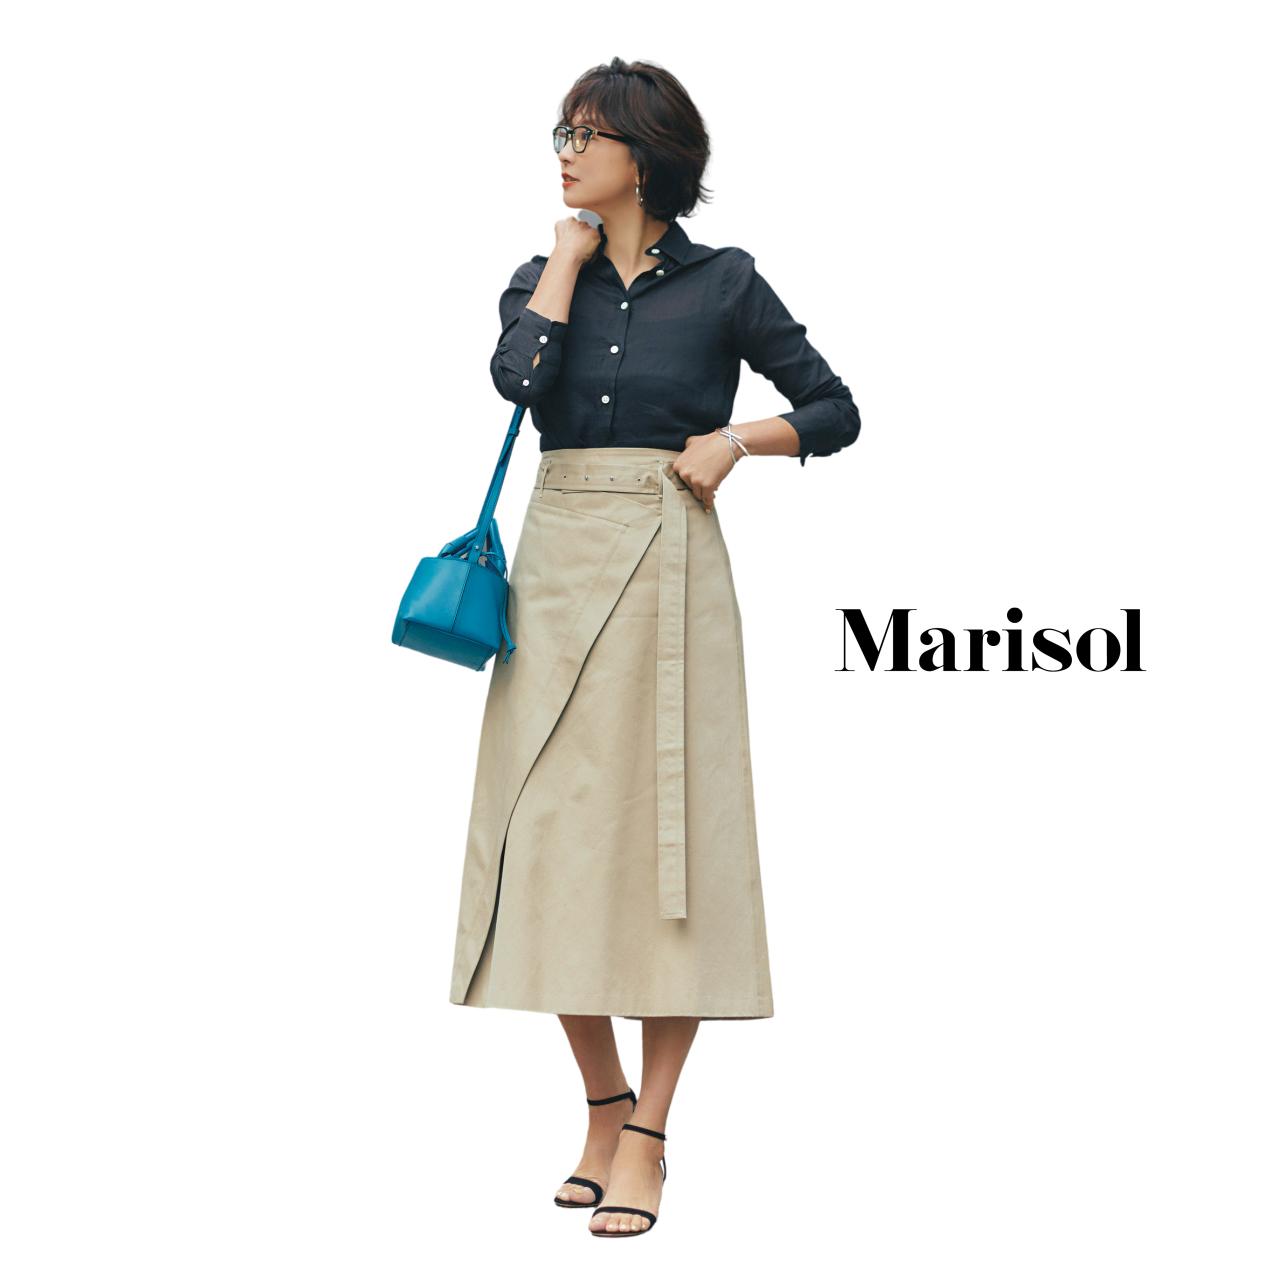 40代ファッション ネイビーシャツ×ベージュロングスカートコーデ